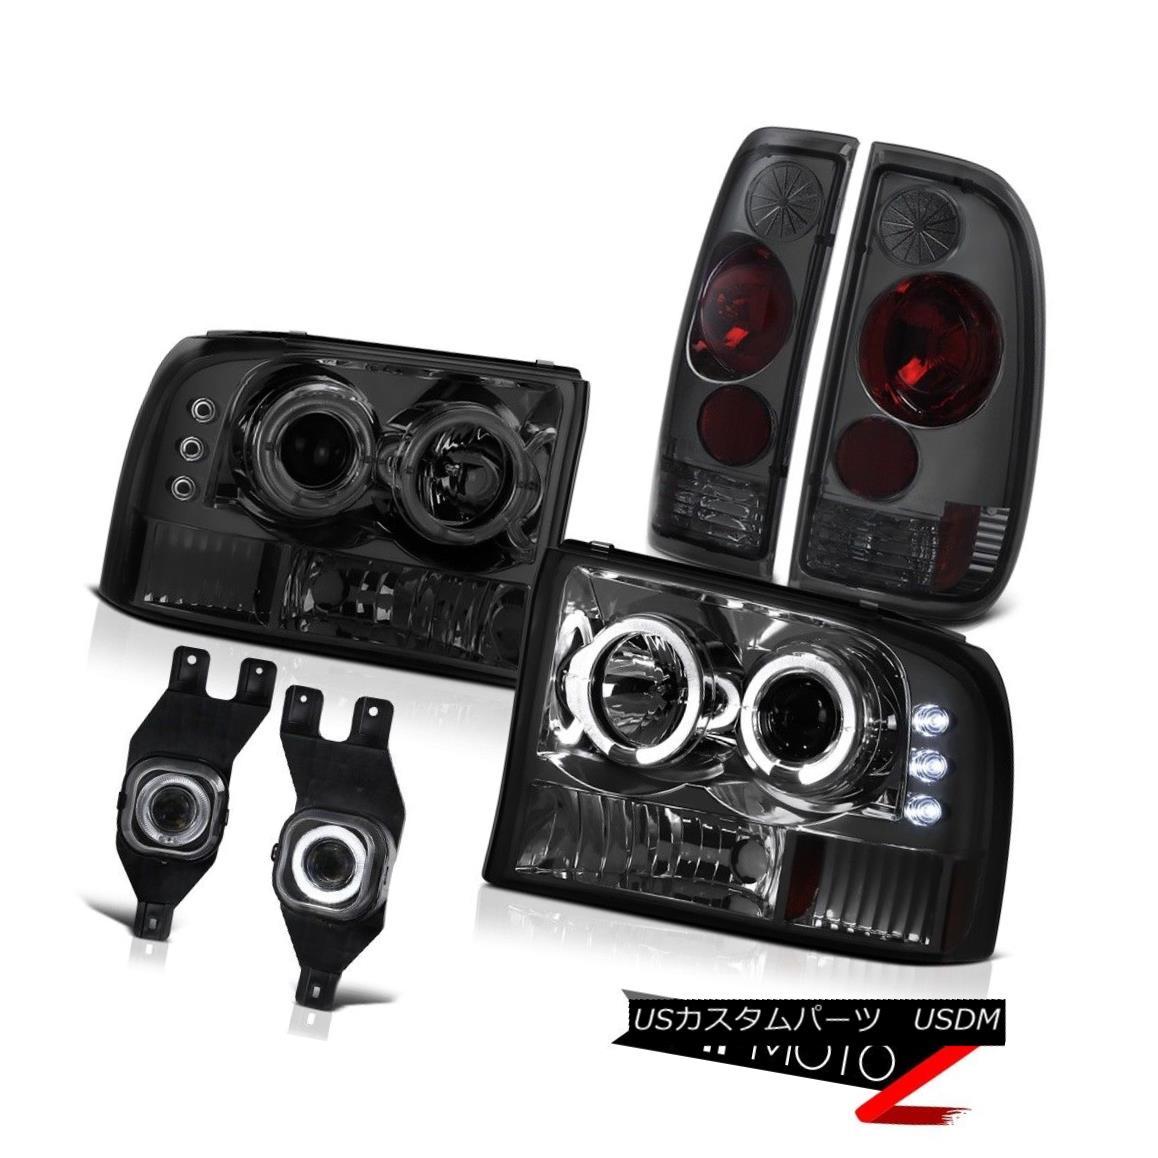 ヘッドライト 2001-2004 Ford F250 F350 F450 SuperDuty Smoke Headlight Tail Light Fog Lamp Halo 2001-2004フォードF250 F350 F450 SuperDuty煙ヘッドライトテールライトフォグランプ